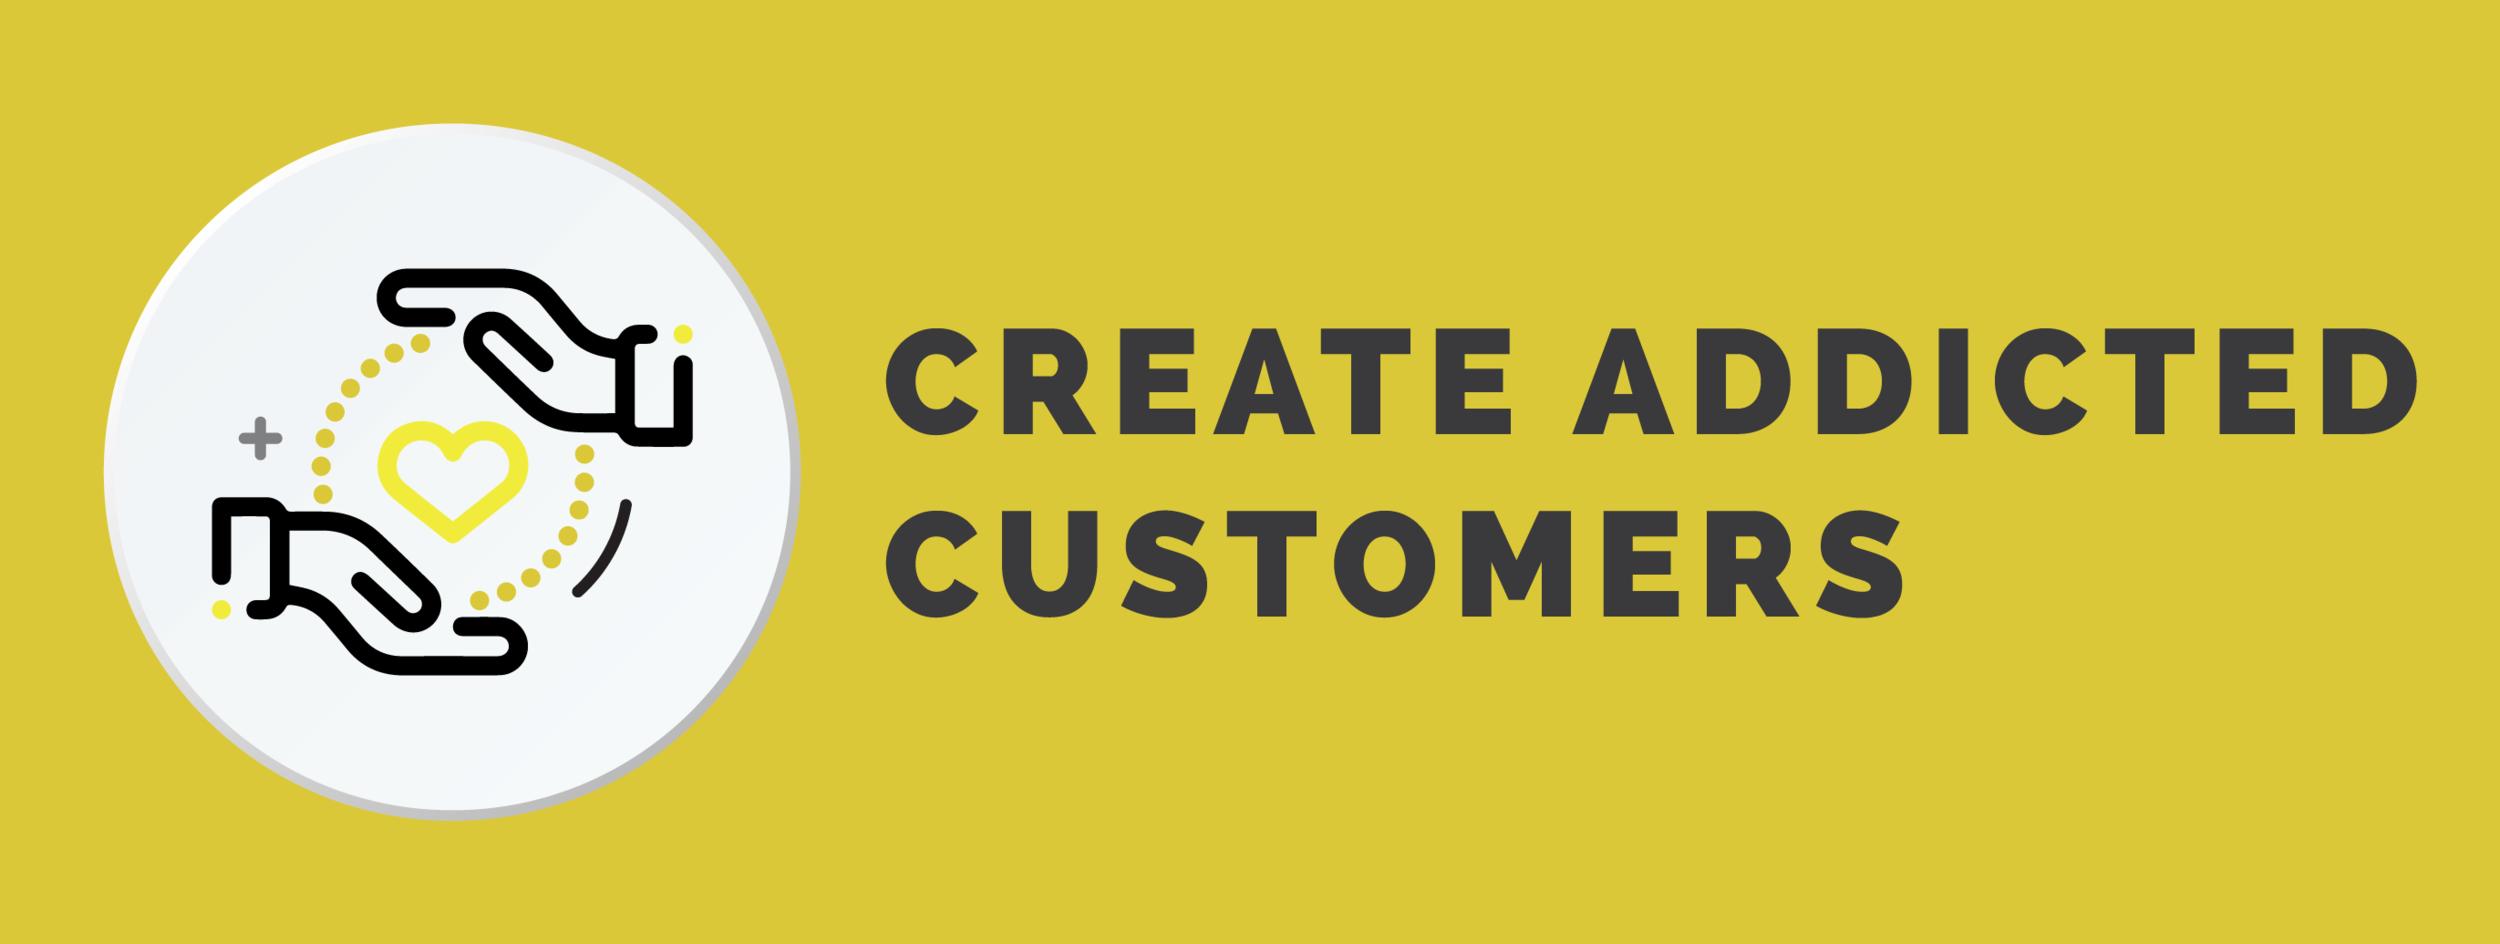 Create addicted customers.